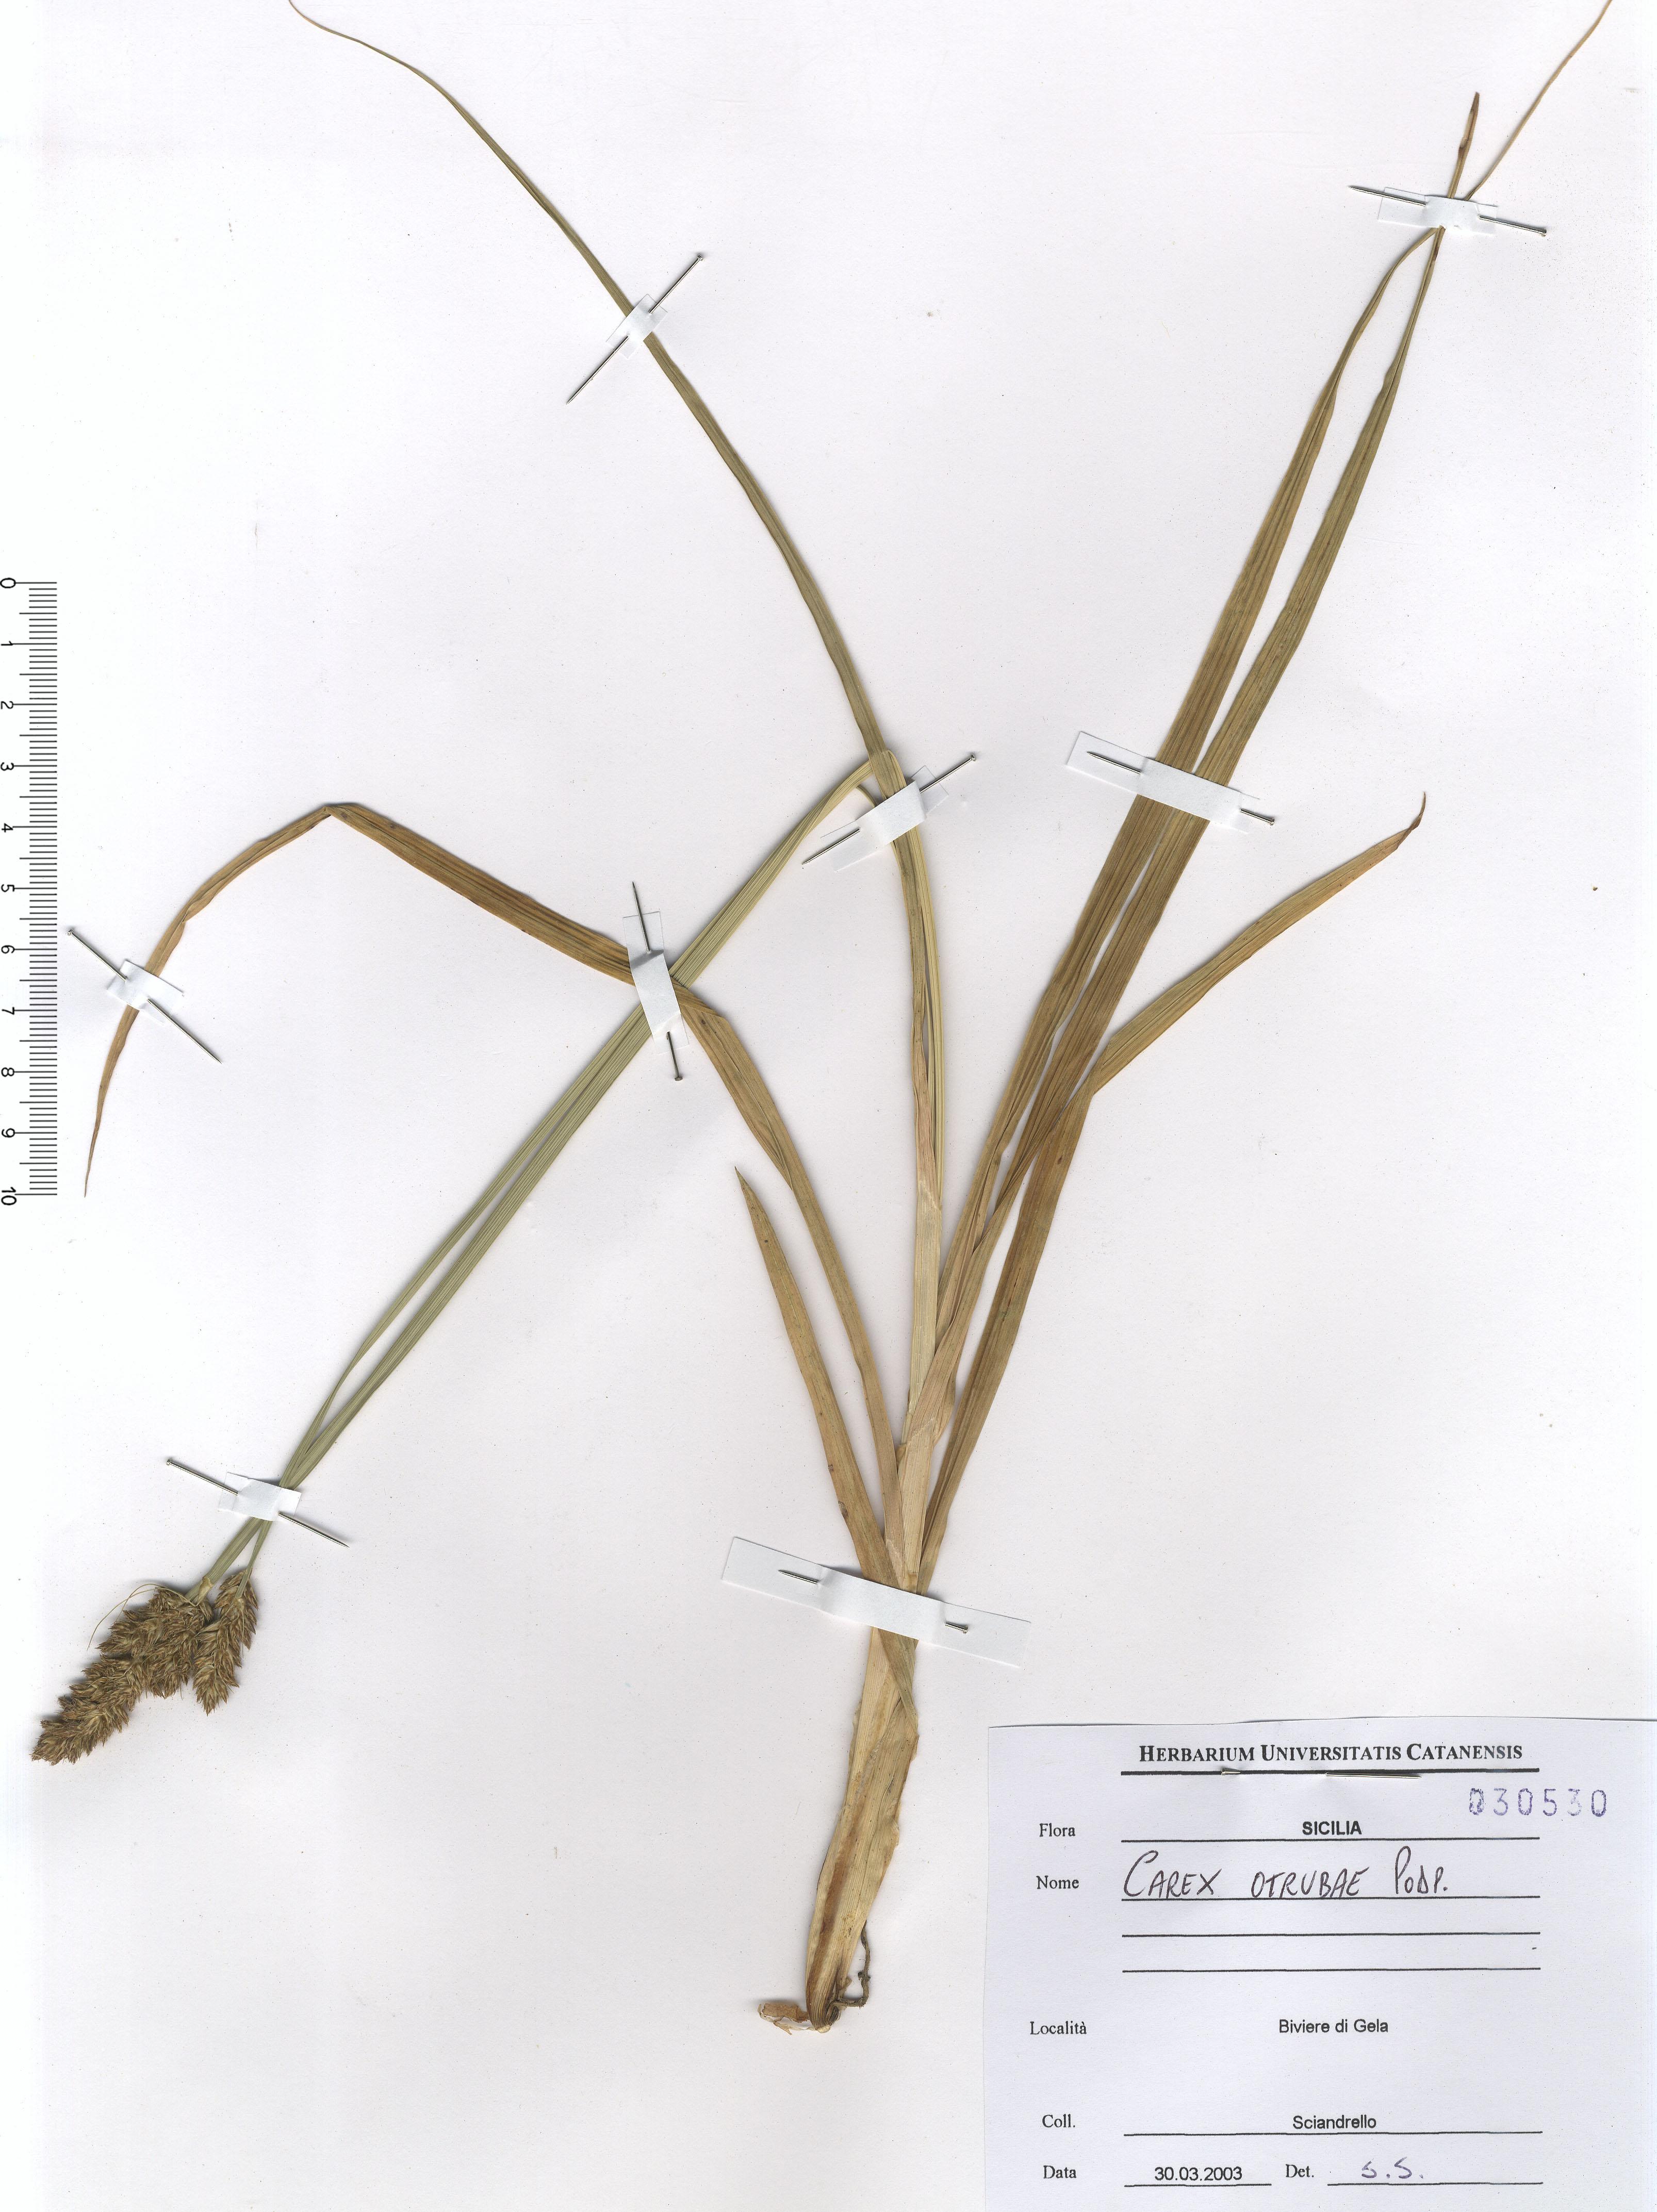 © Hortus Botanicus Catinensis - Herb. sheet 030530<br>